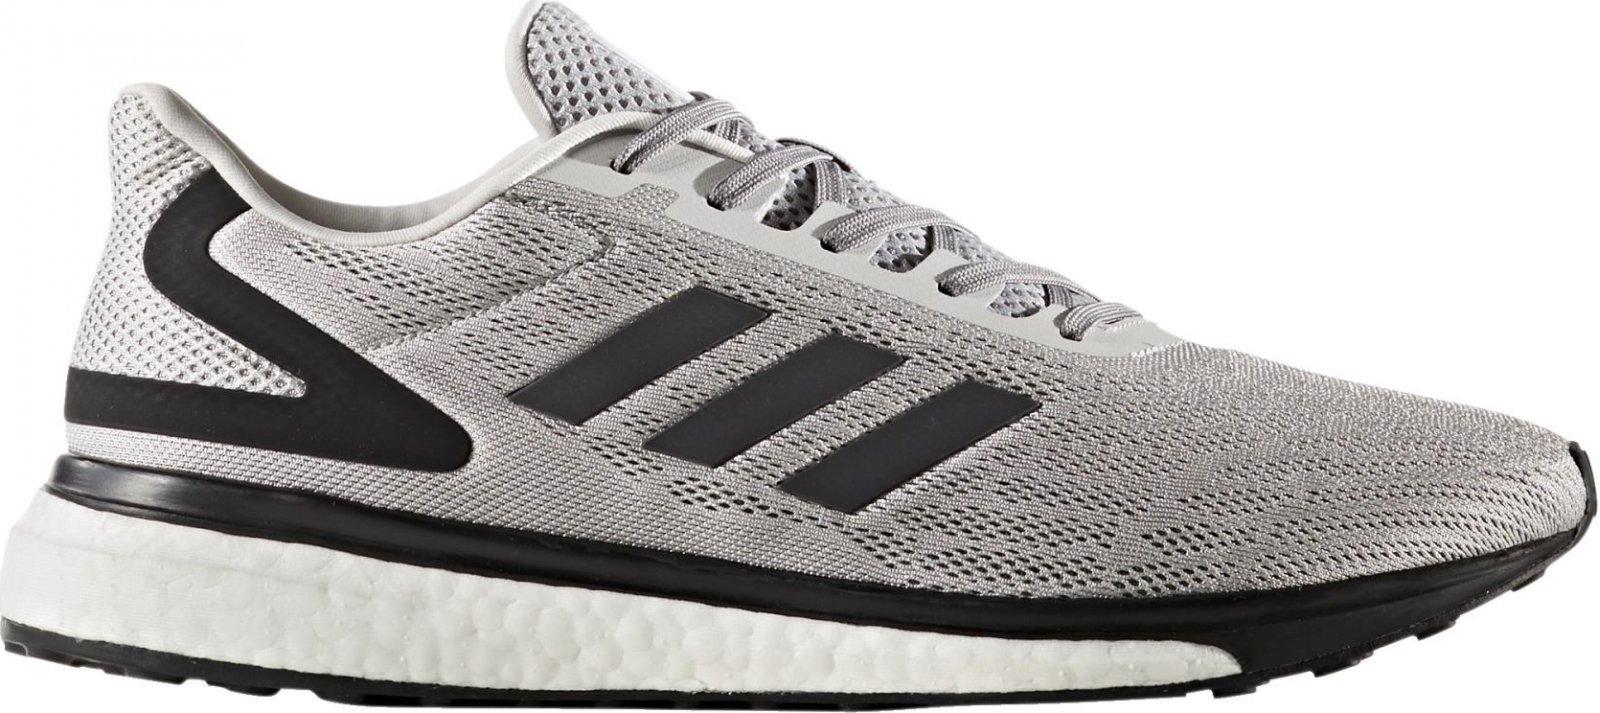 Adidas Performance Response LT M šedá od 1 639 Kč • Zboží.cz 581ca9f026